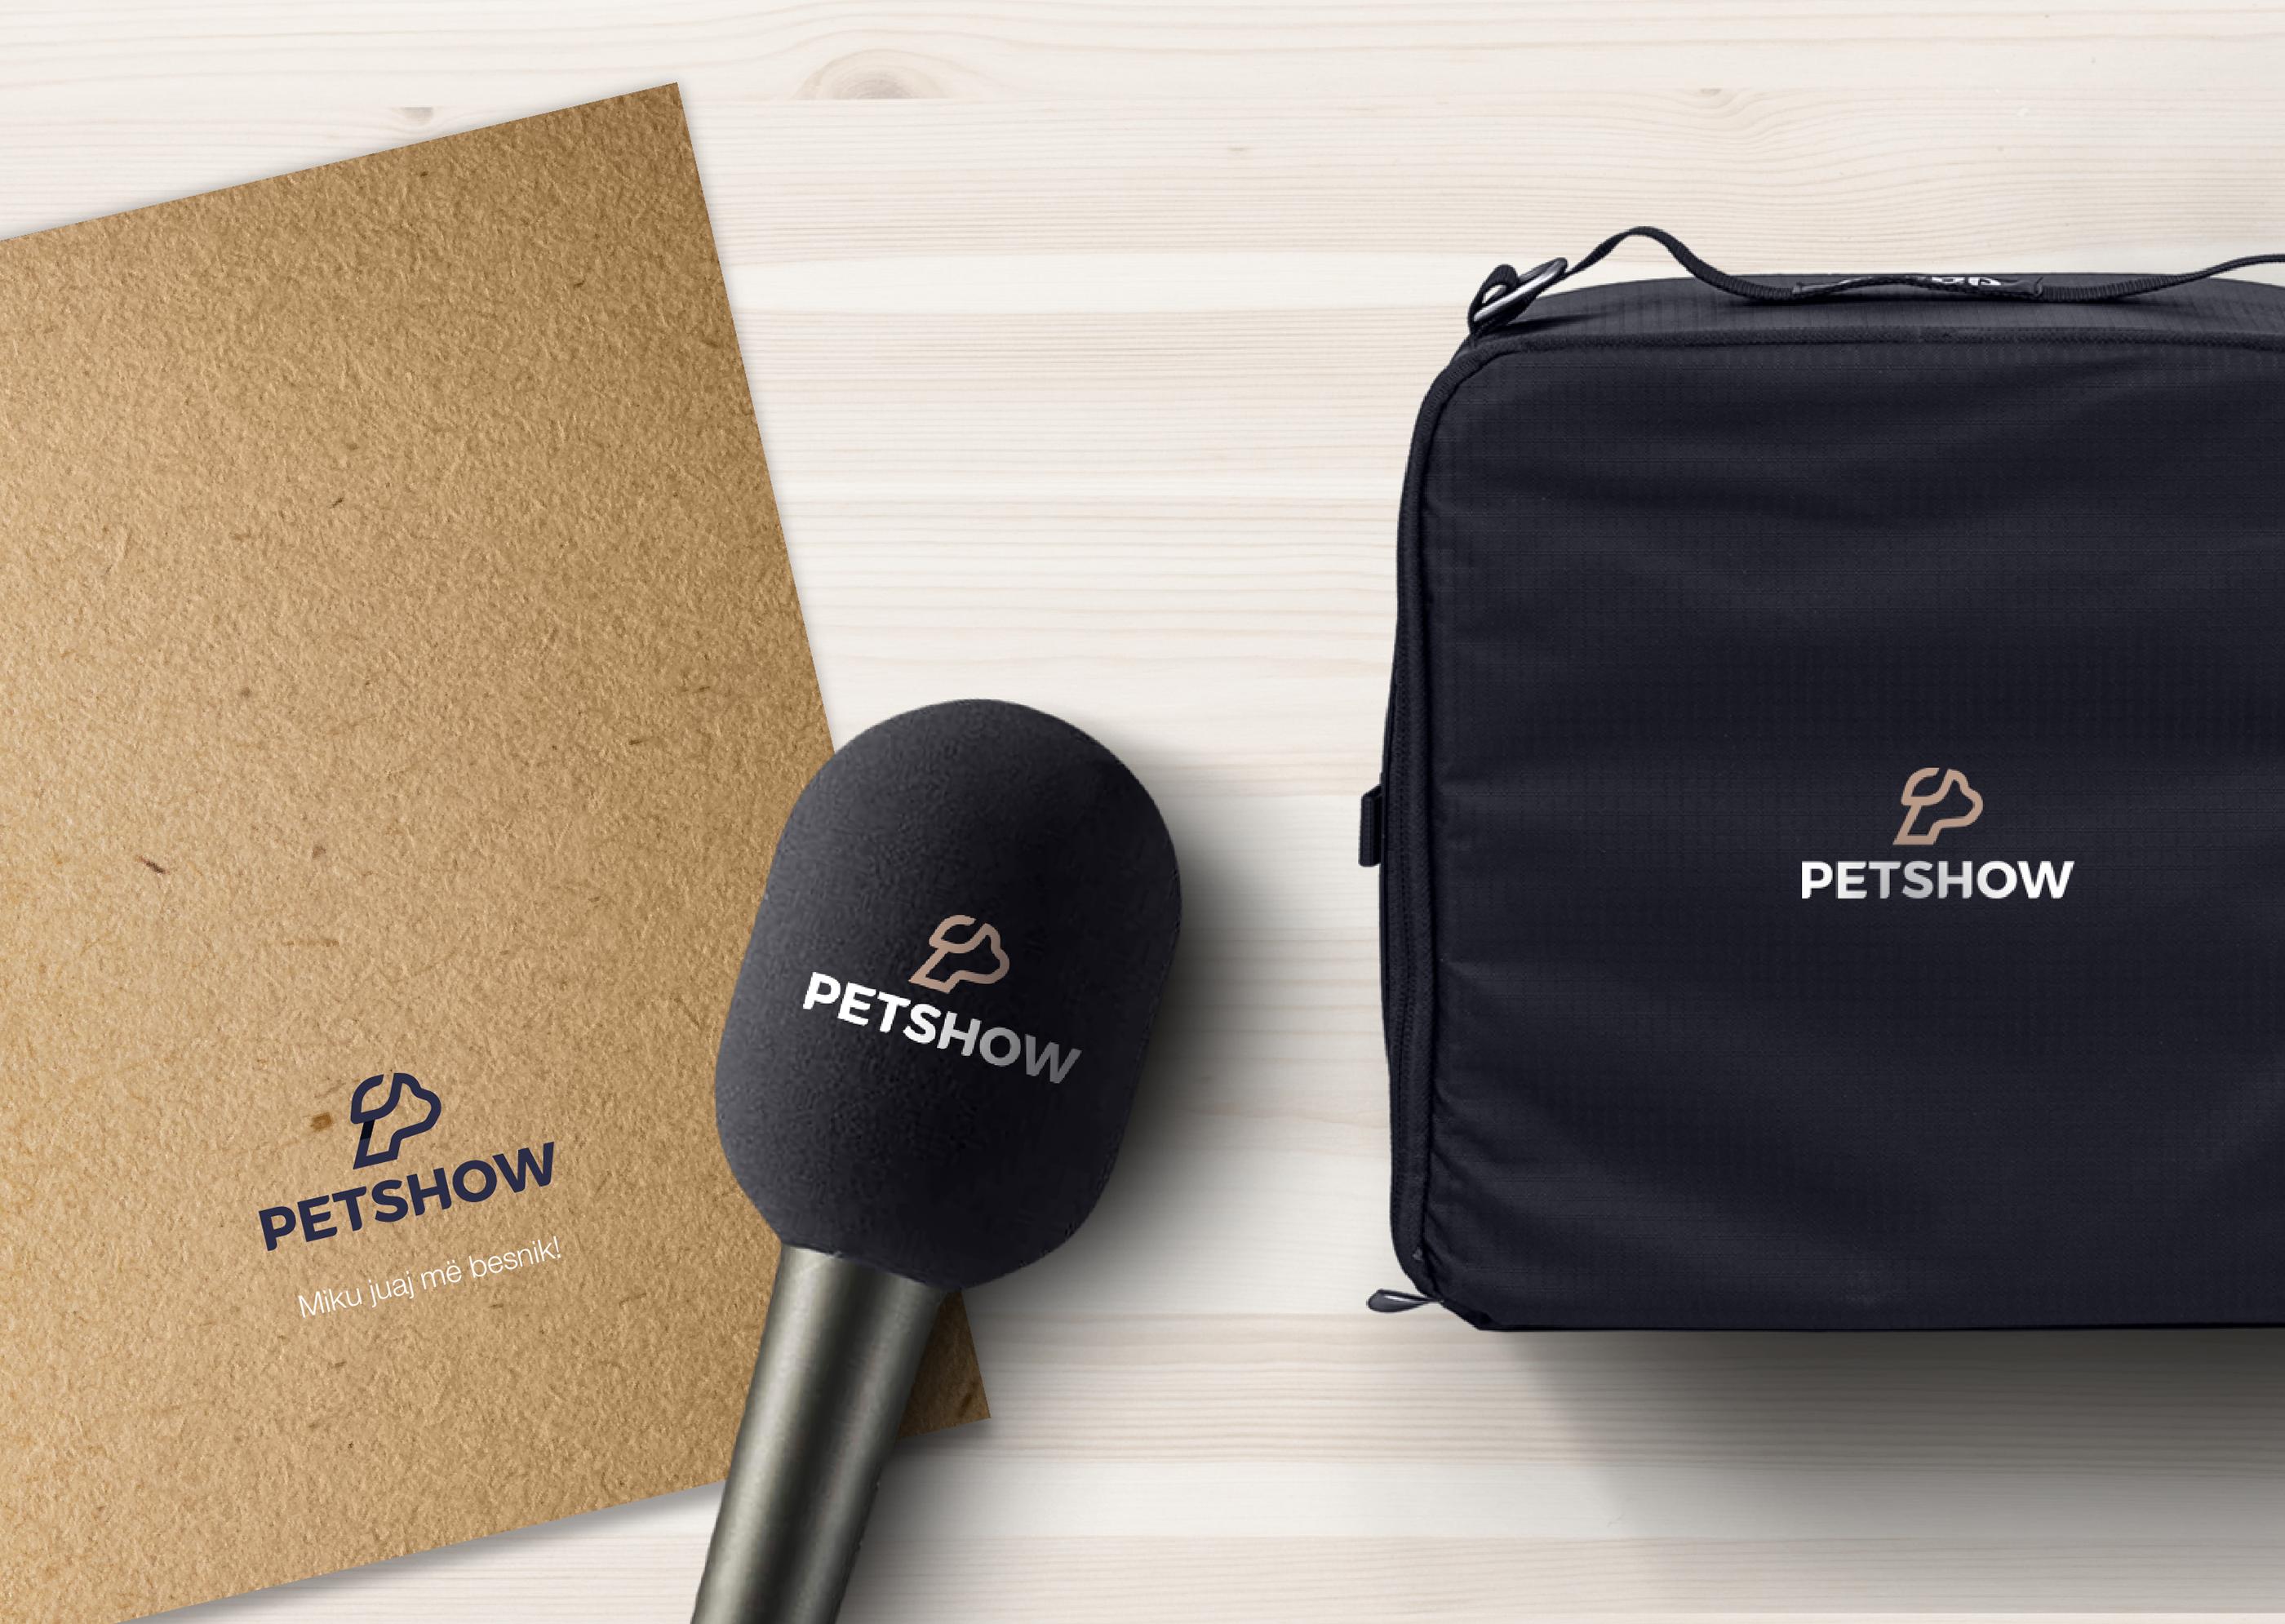 PETSHOW - Branding